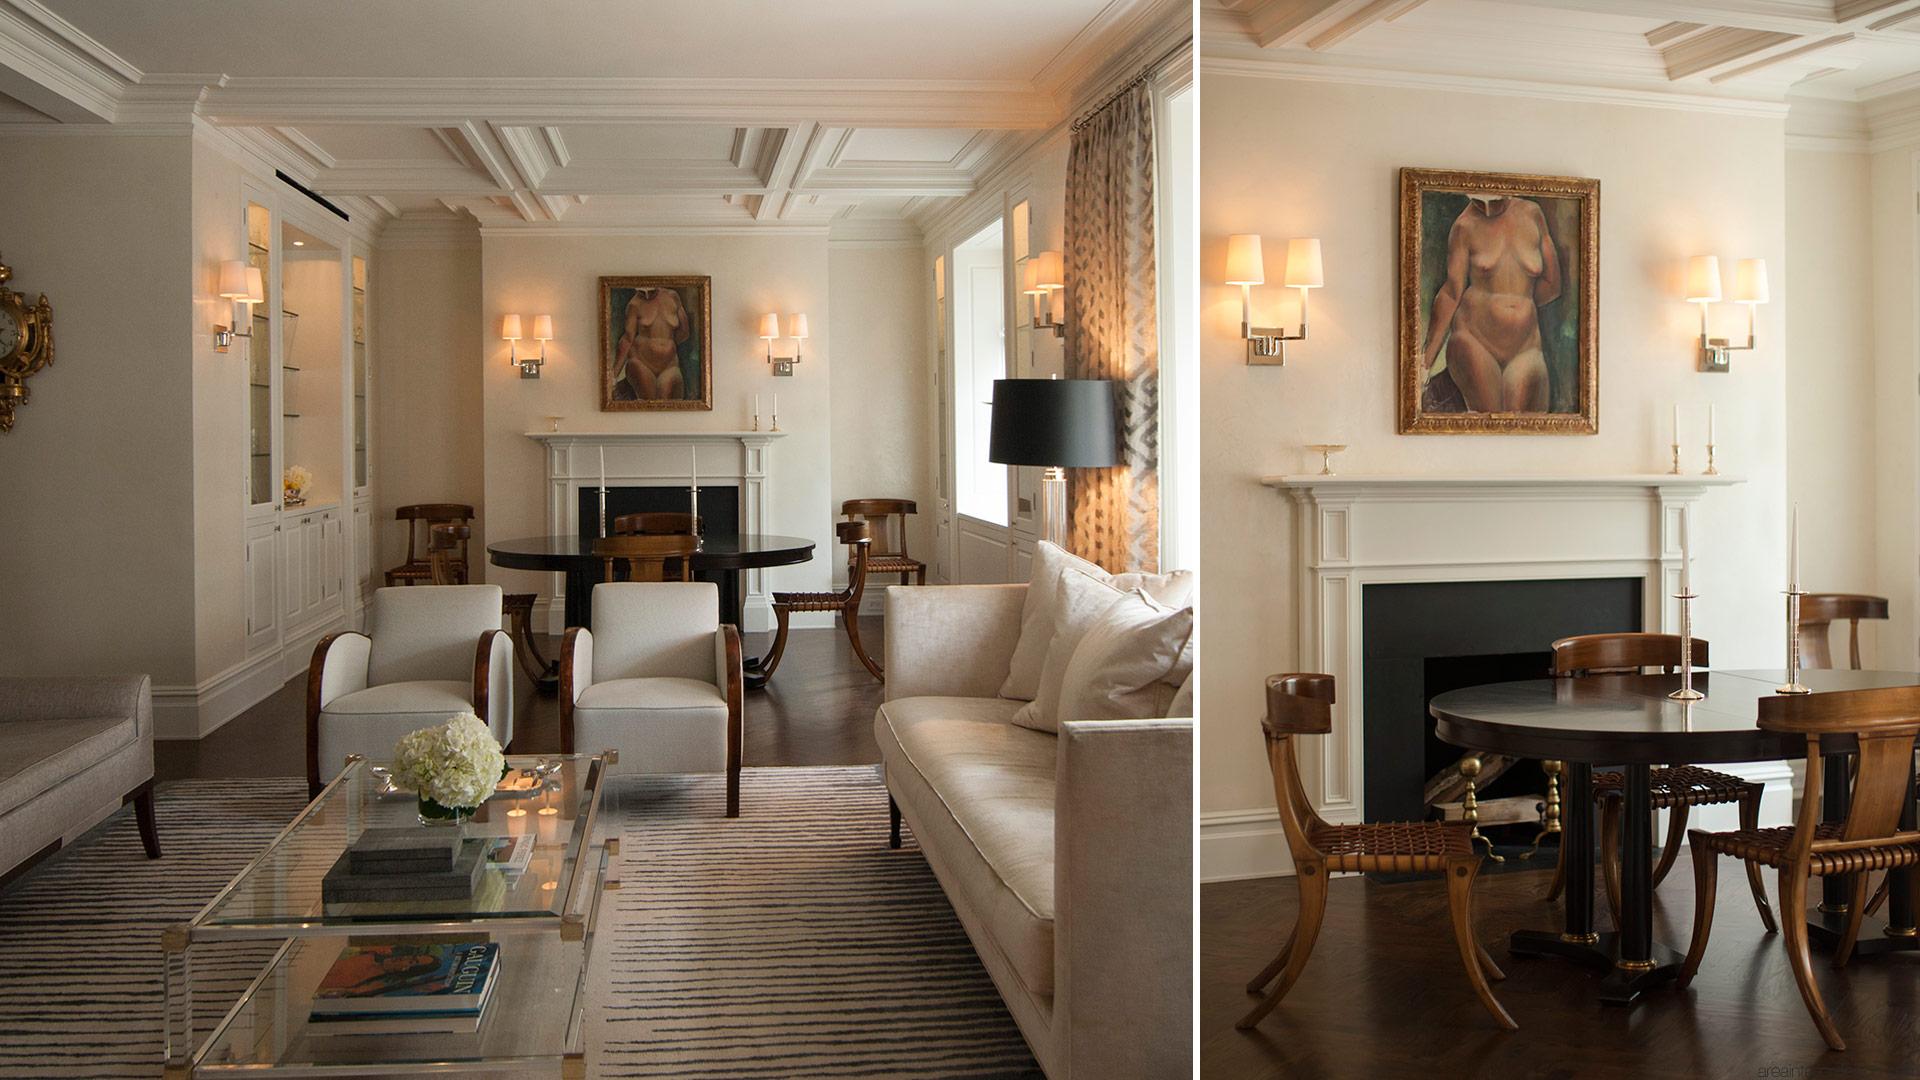 E67 area interior design for Living area interior design